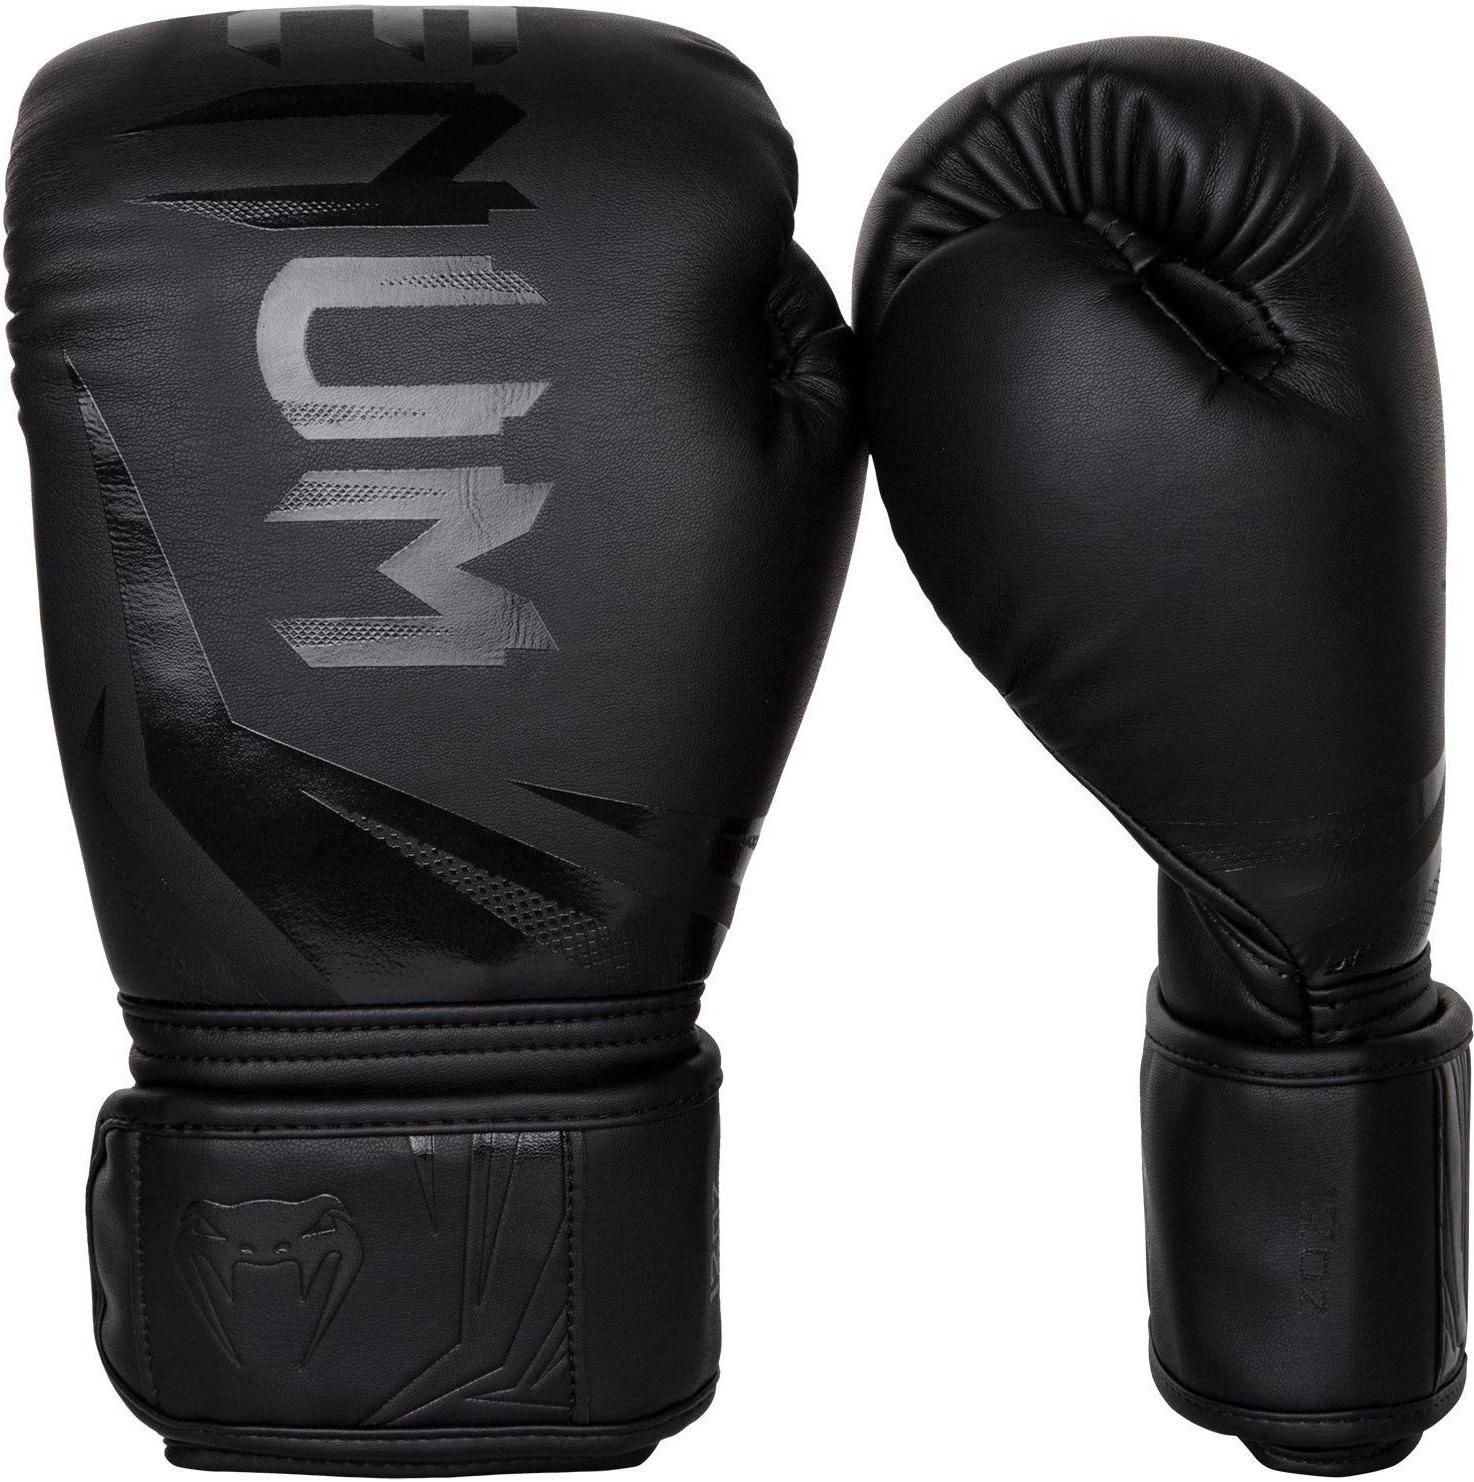 Перчатки Перчатки для бокса Venum Challenger 3.0 Boxing Gloves-Black/Black 1.jpg